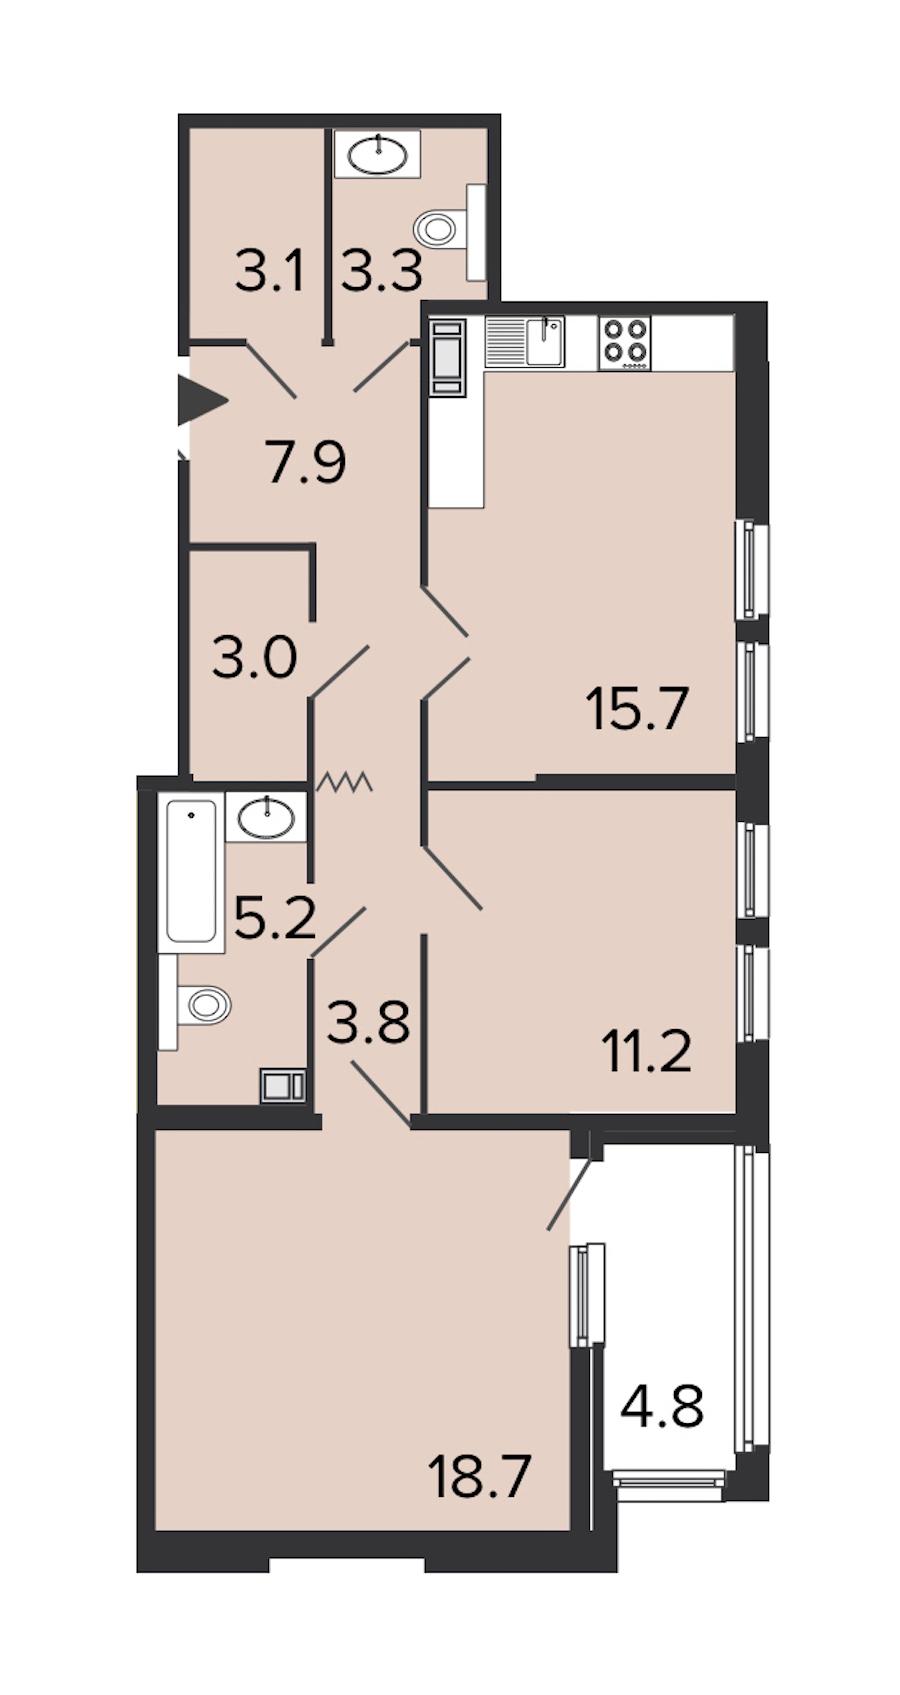 2-комнатная 71 м<sup>2</sup> на 8 этаже